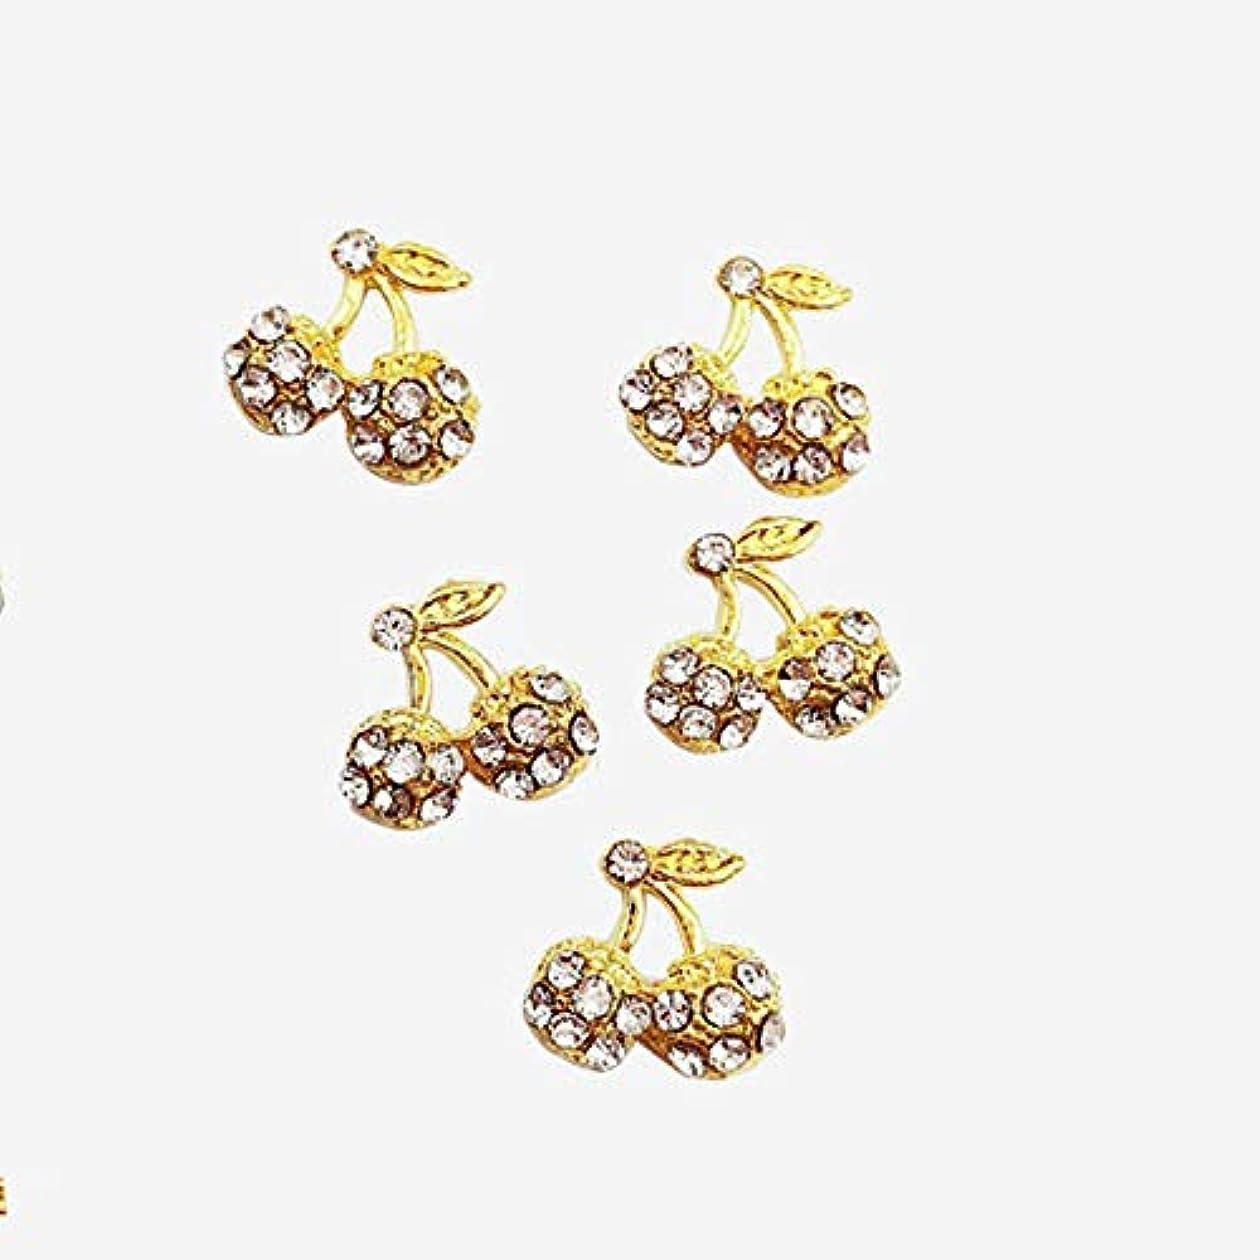 補正快適習熟度マニキュアの装飾のための10個入り/袋3Dネイルアートの装飾金属チェリー形状グリッターラインストーンネイルチャームダイヤモンド